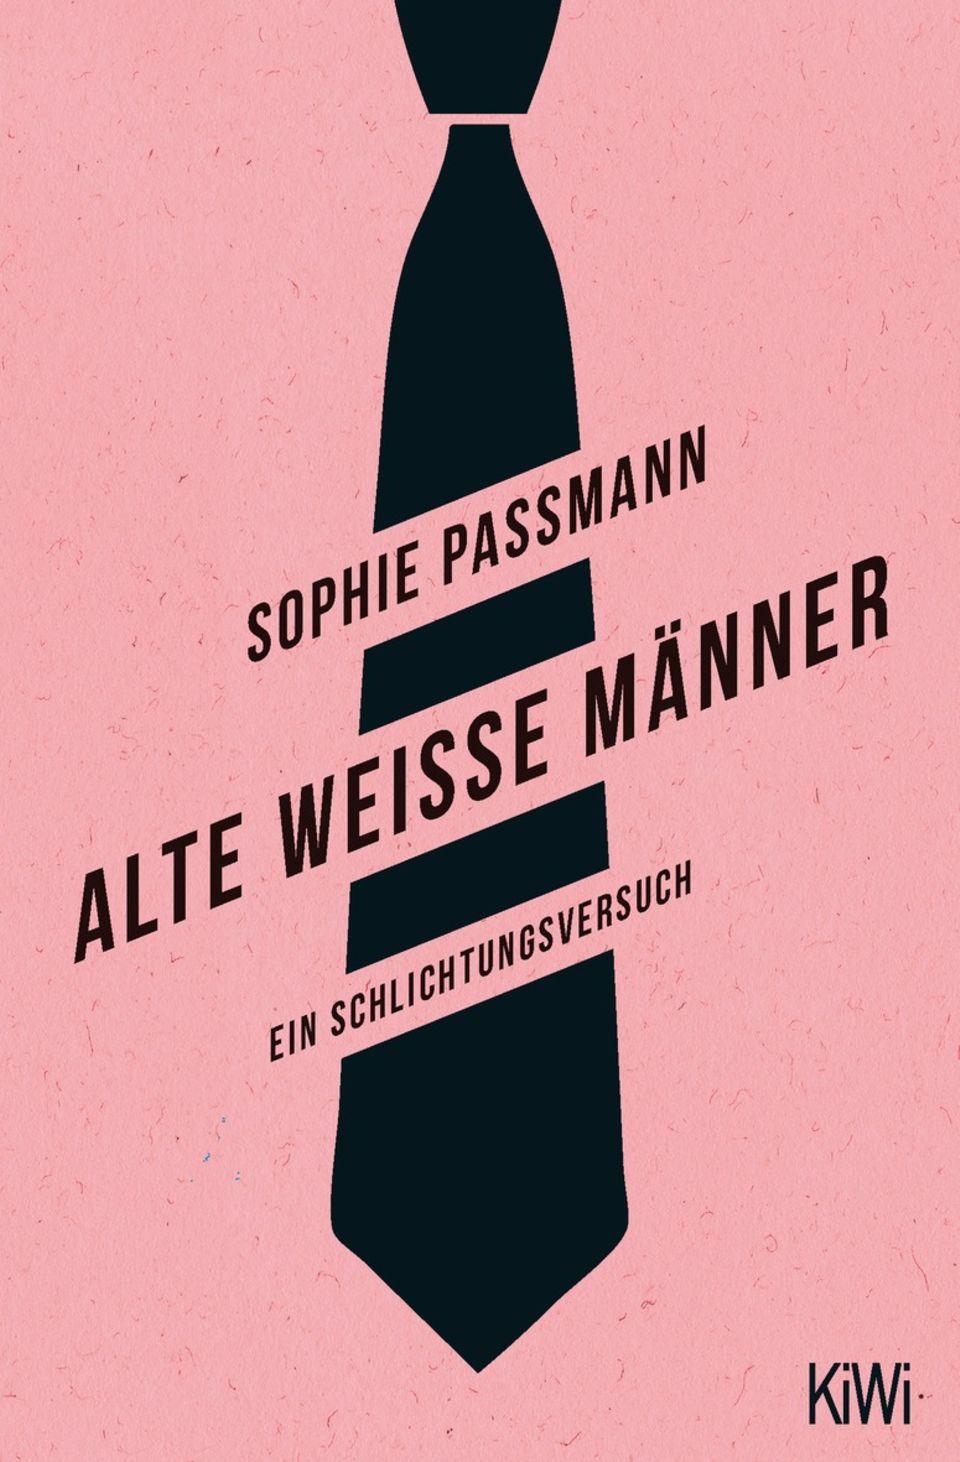 """""""Alte weisse Männer"""" von Sophie Passmann erscheint beiKiepenheuer&Witsch und ist seit dem 7. März 2019 im Handel erhältlich."""